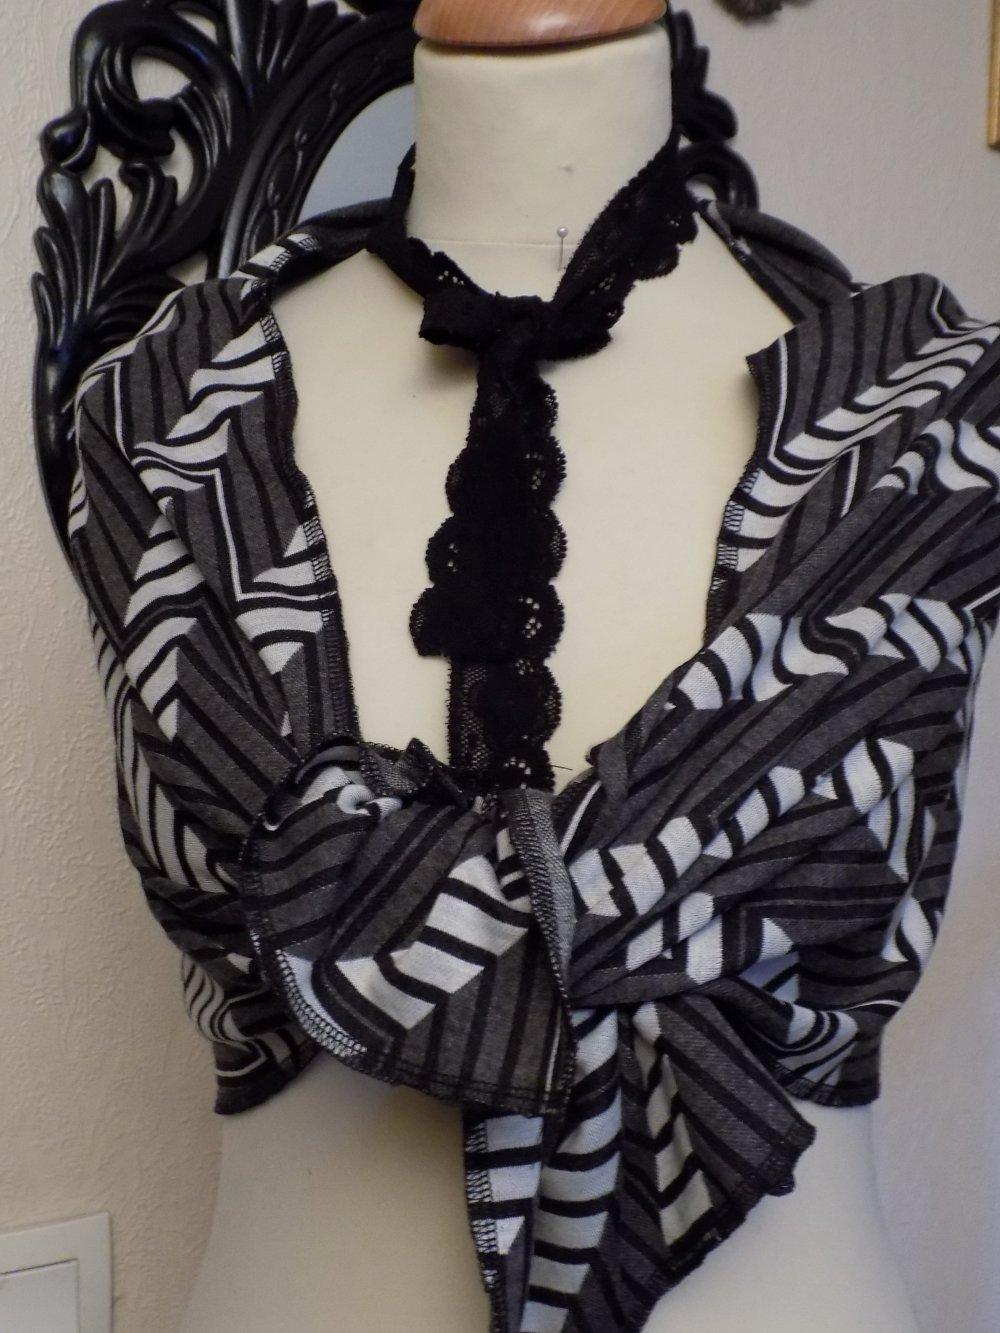 Étole de mariage,en tissu motifs géométrique,de couleur gris et noir,écharpe femme,écharpe fille,cadeau femme